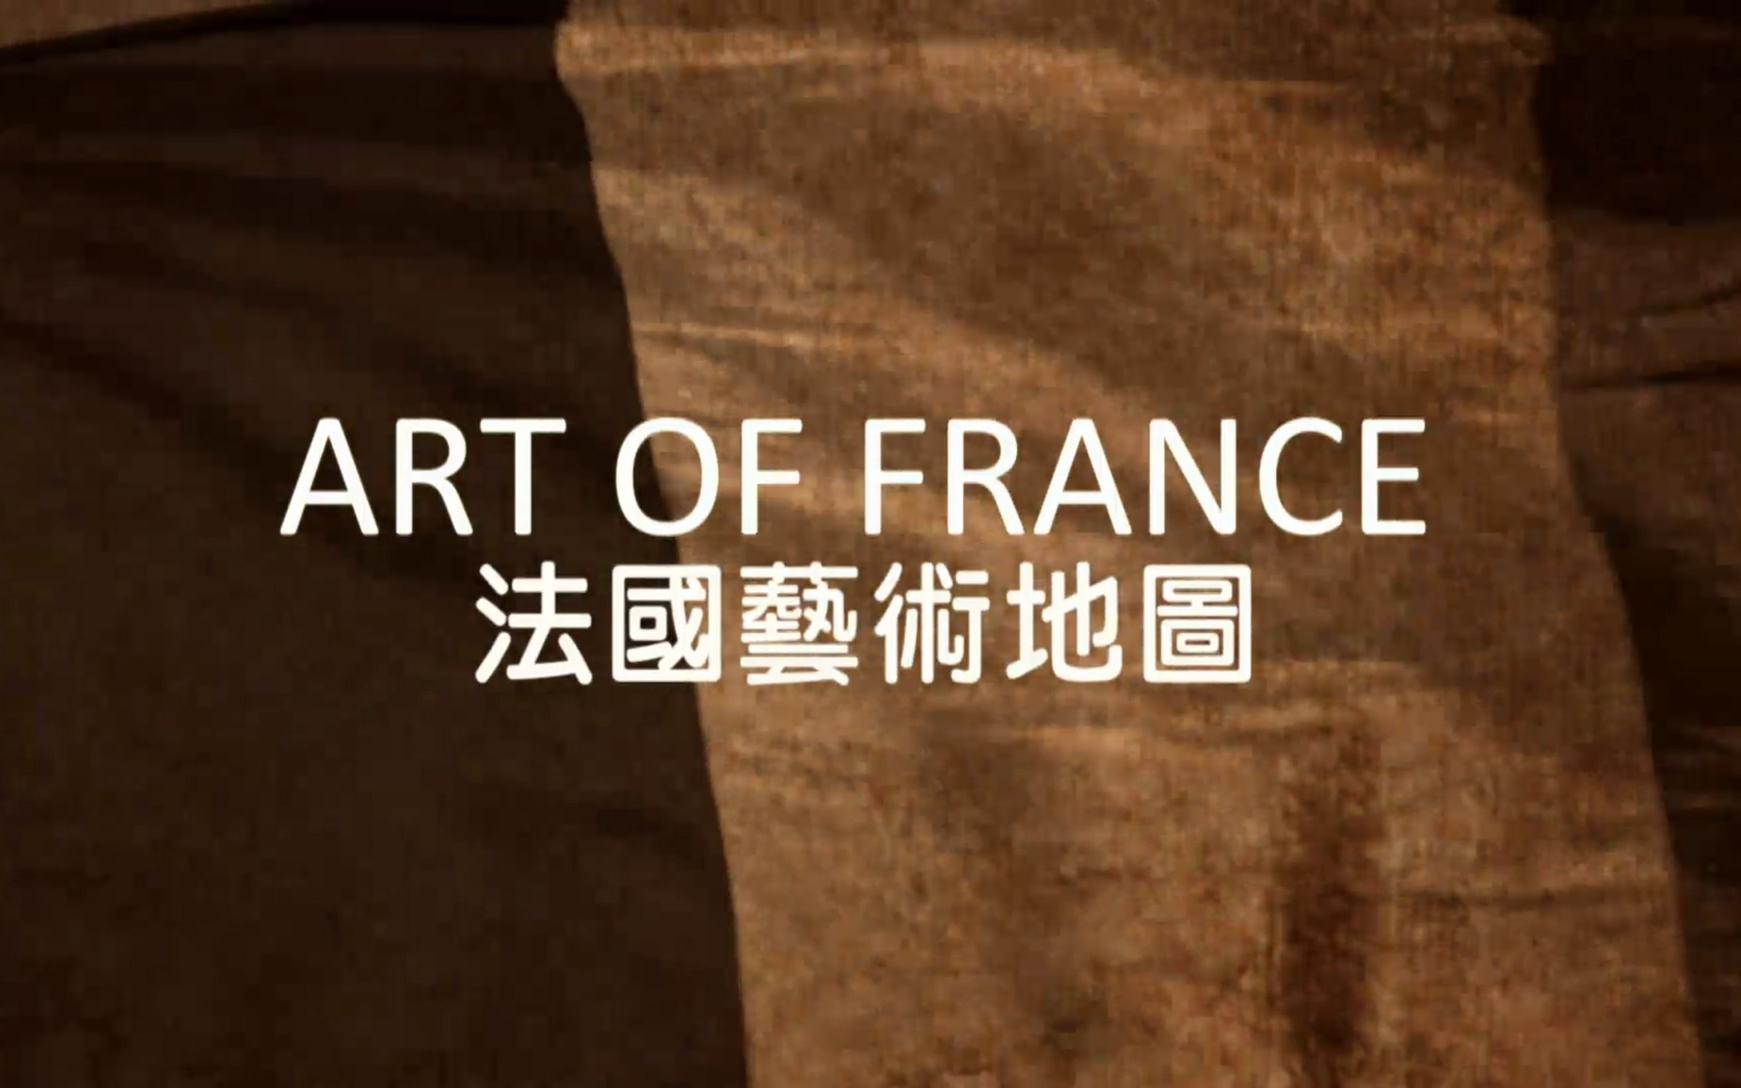 纪录片 法国艺术地图 全3集 英语中字 1080P